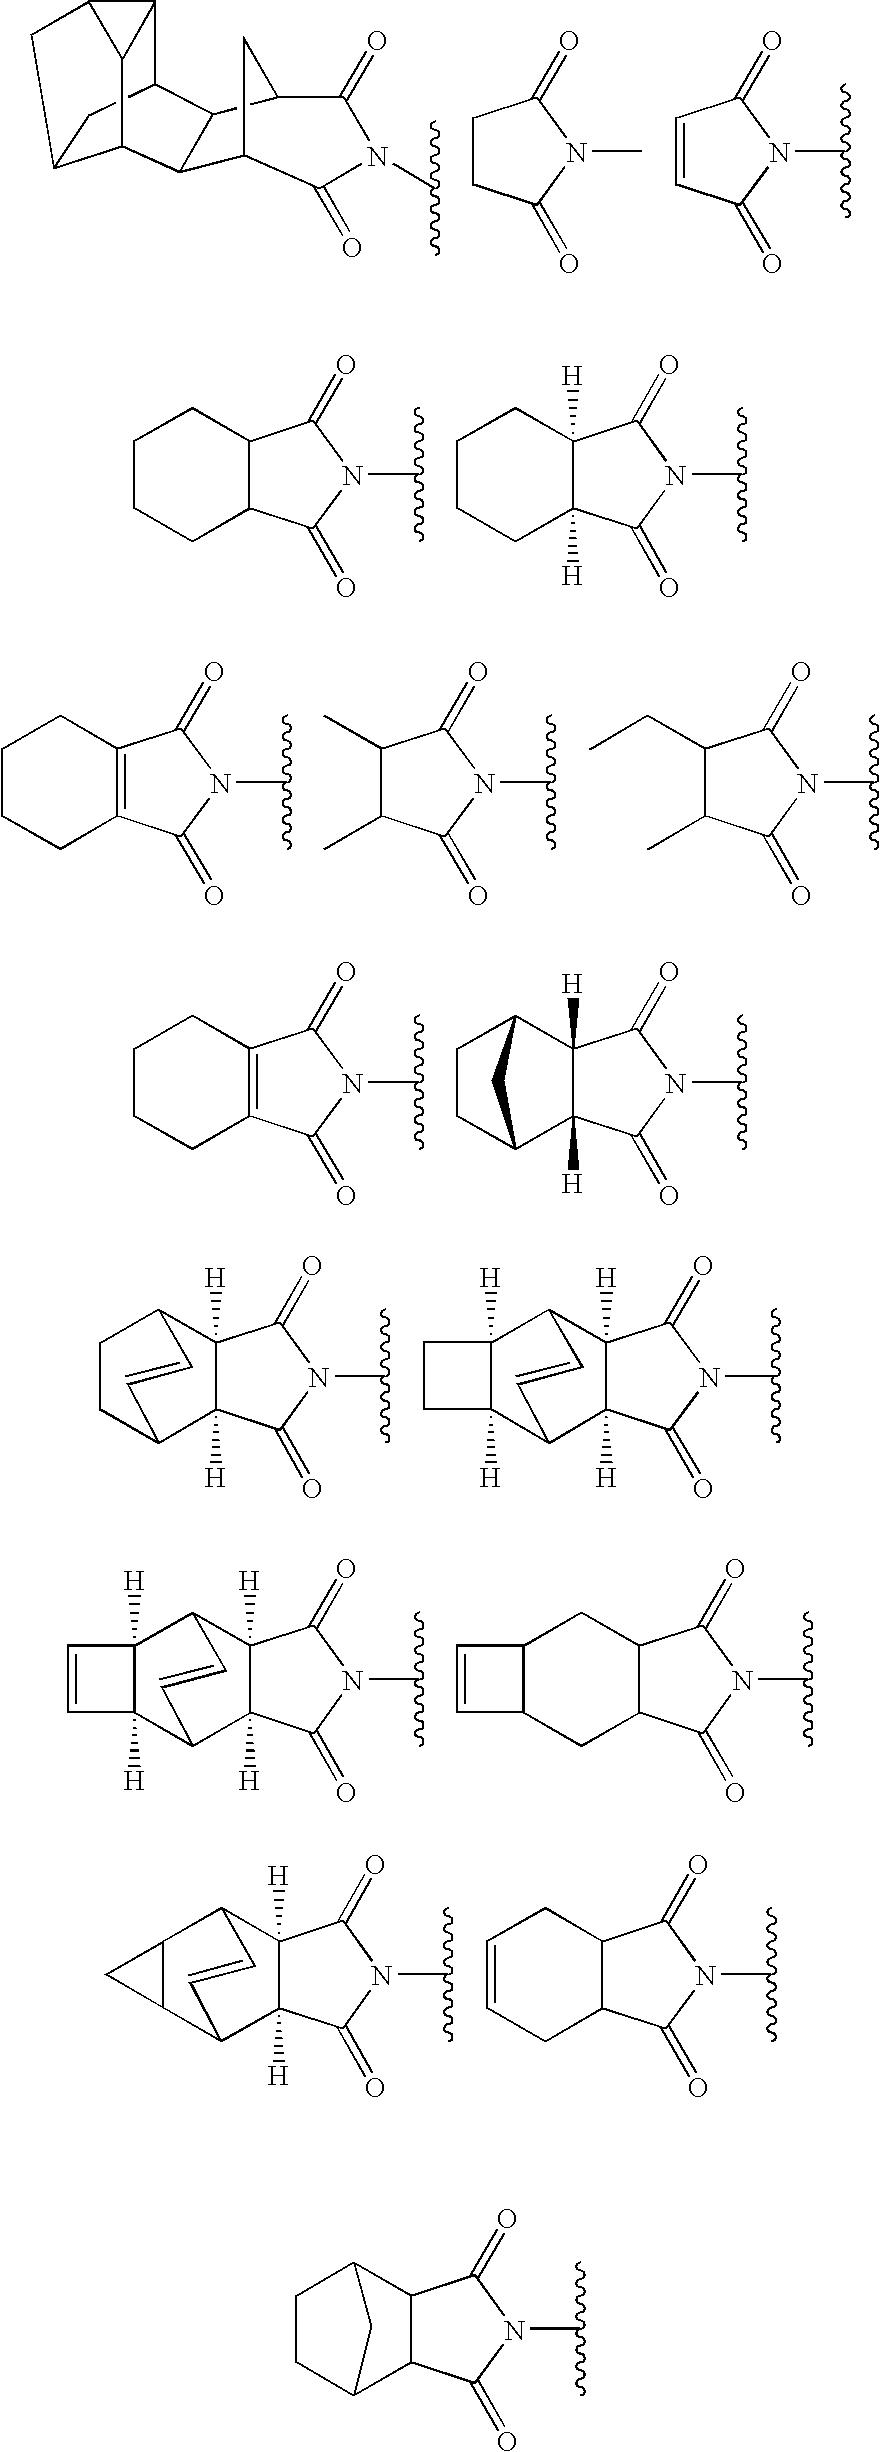 Figure US20100009983A1-20100114-C00037